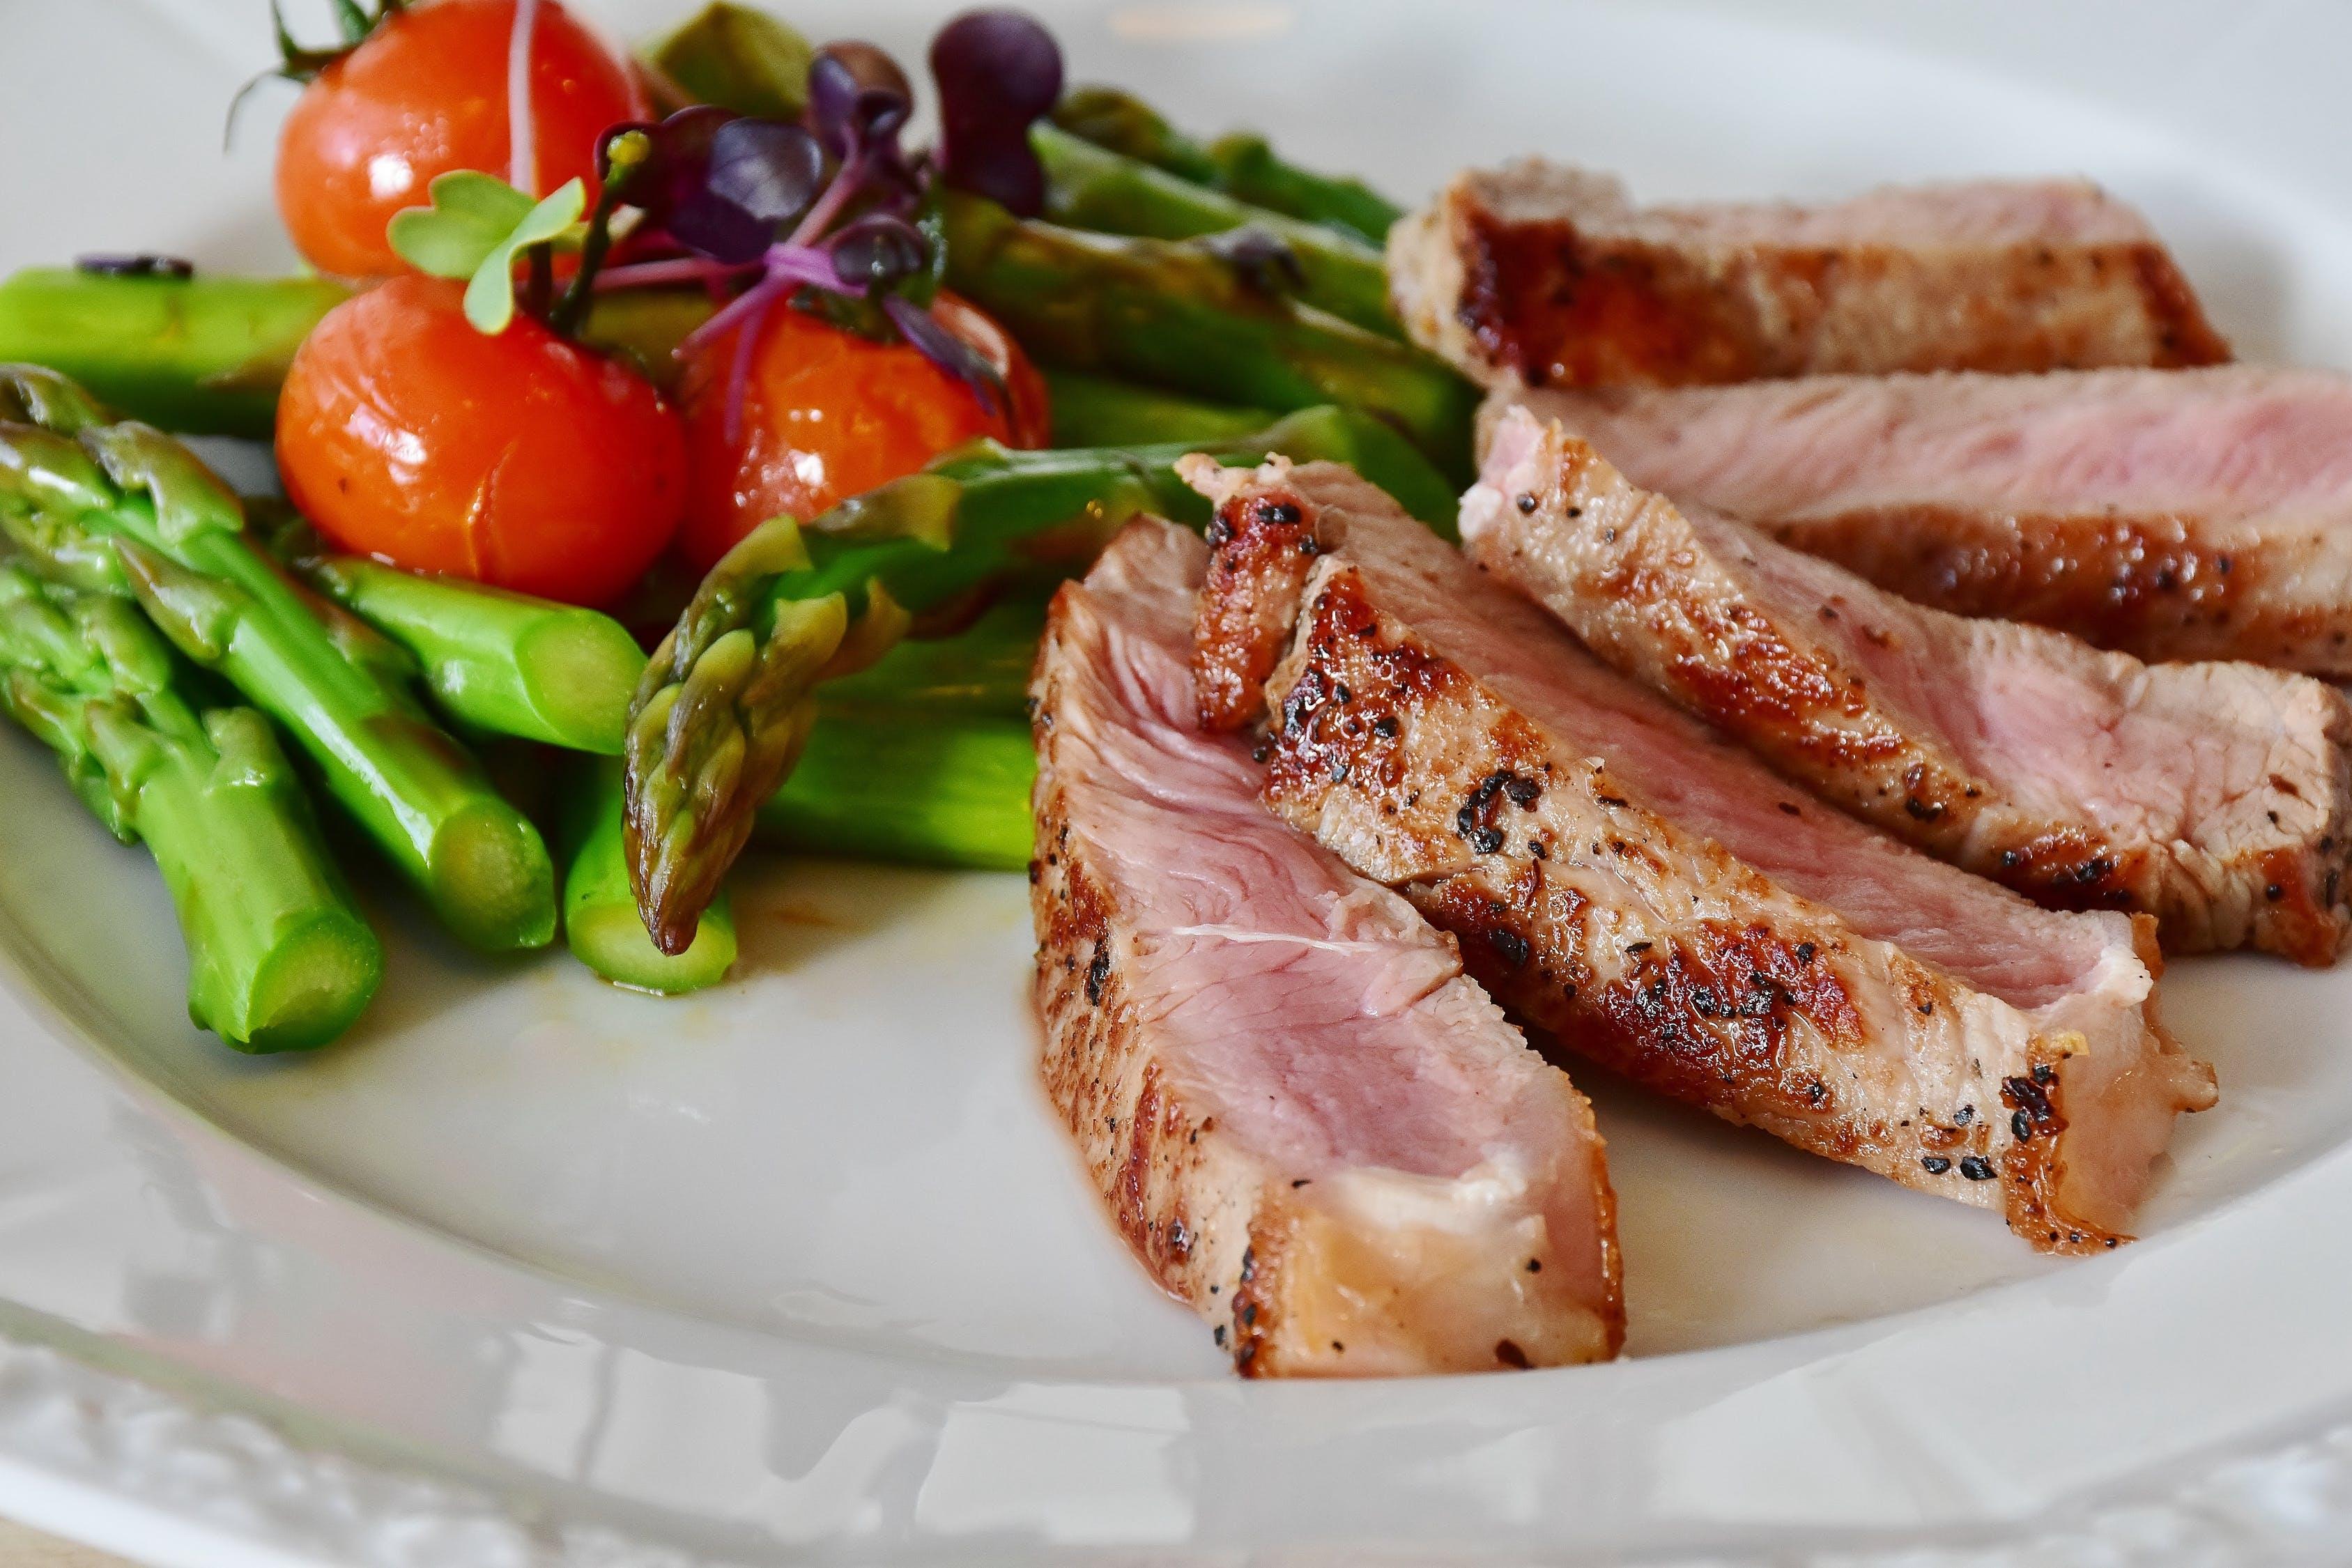 măng tây là thực phẩm cải thiện sức khỏe đường ruột